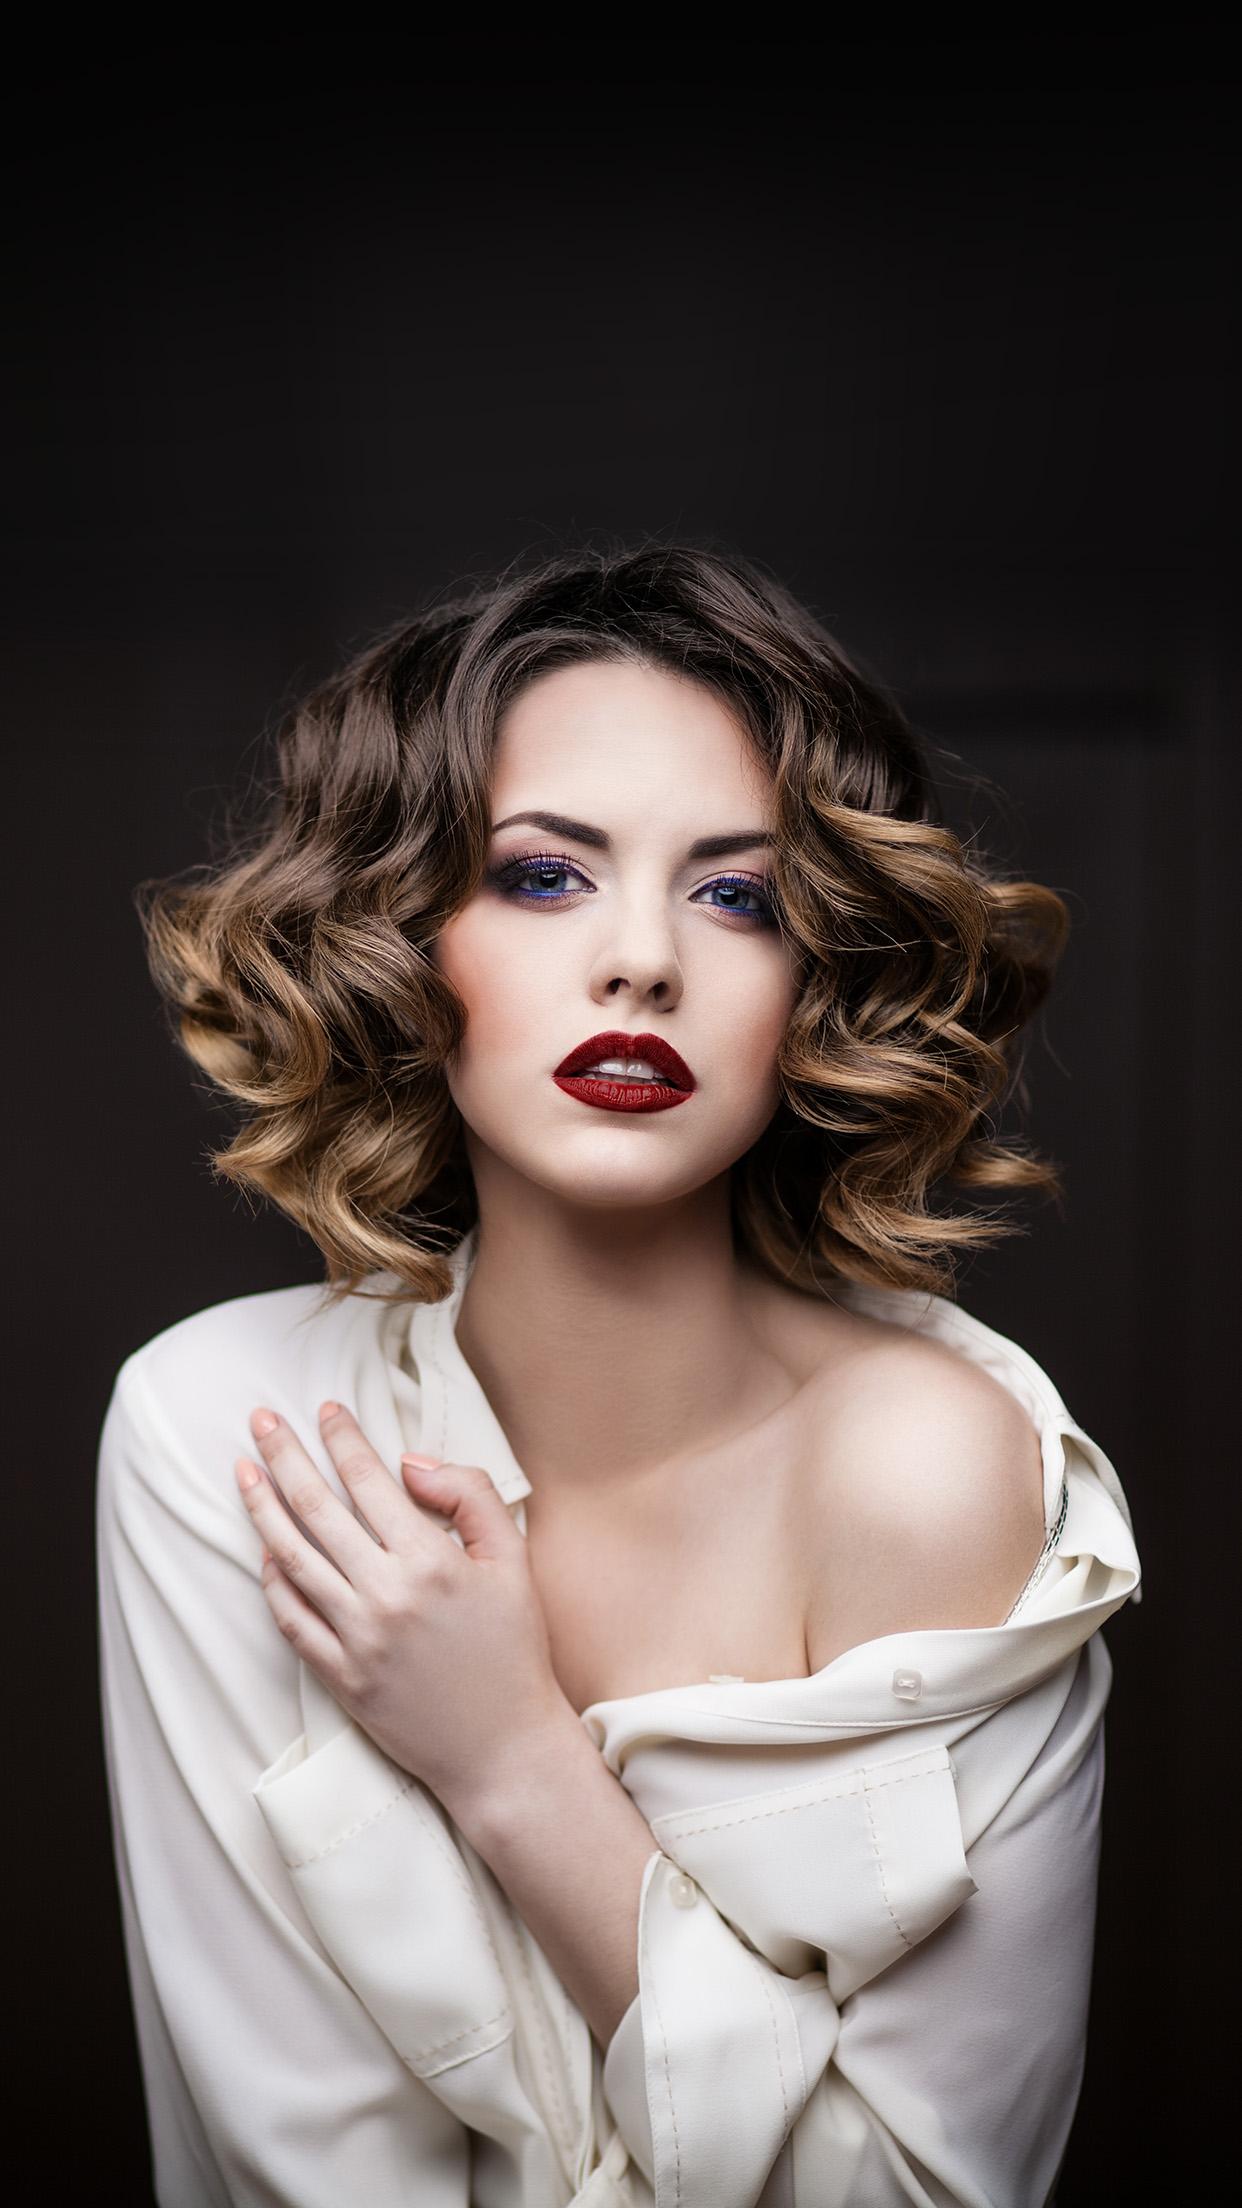 Hg25 Devushka Model Makiyazh Sexy Girl